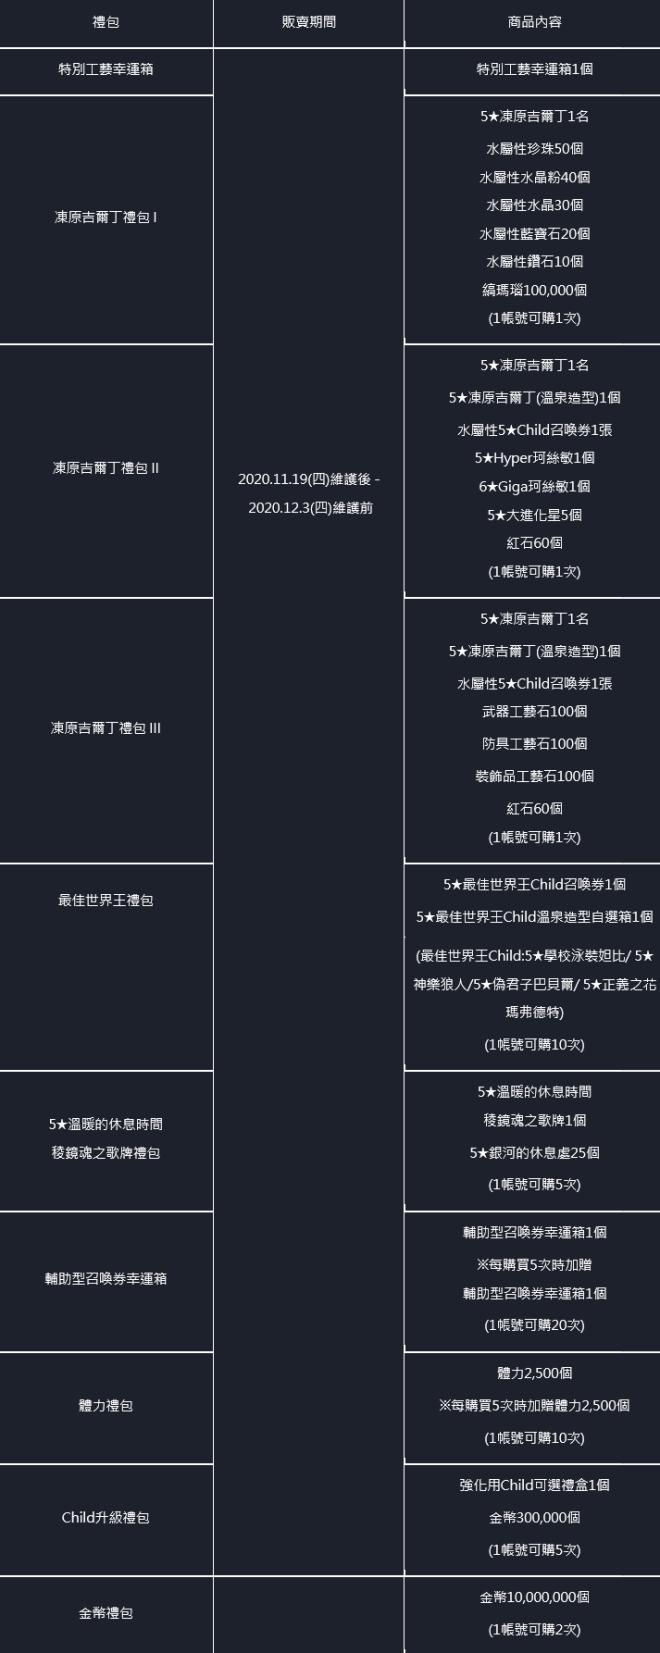 命運之子: 歷史新聞/活動 - 📢20/11/19改版公告 image 44